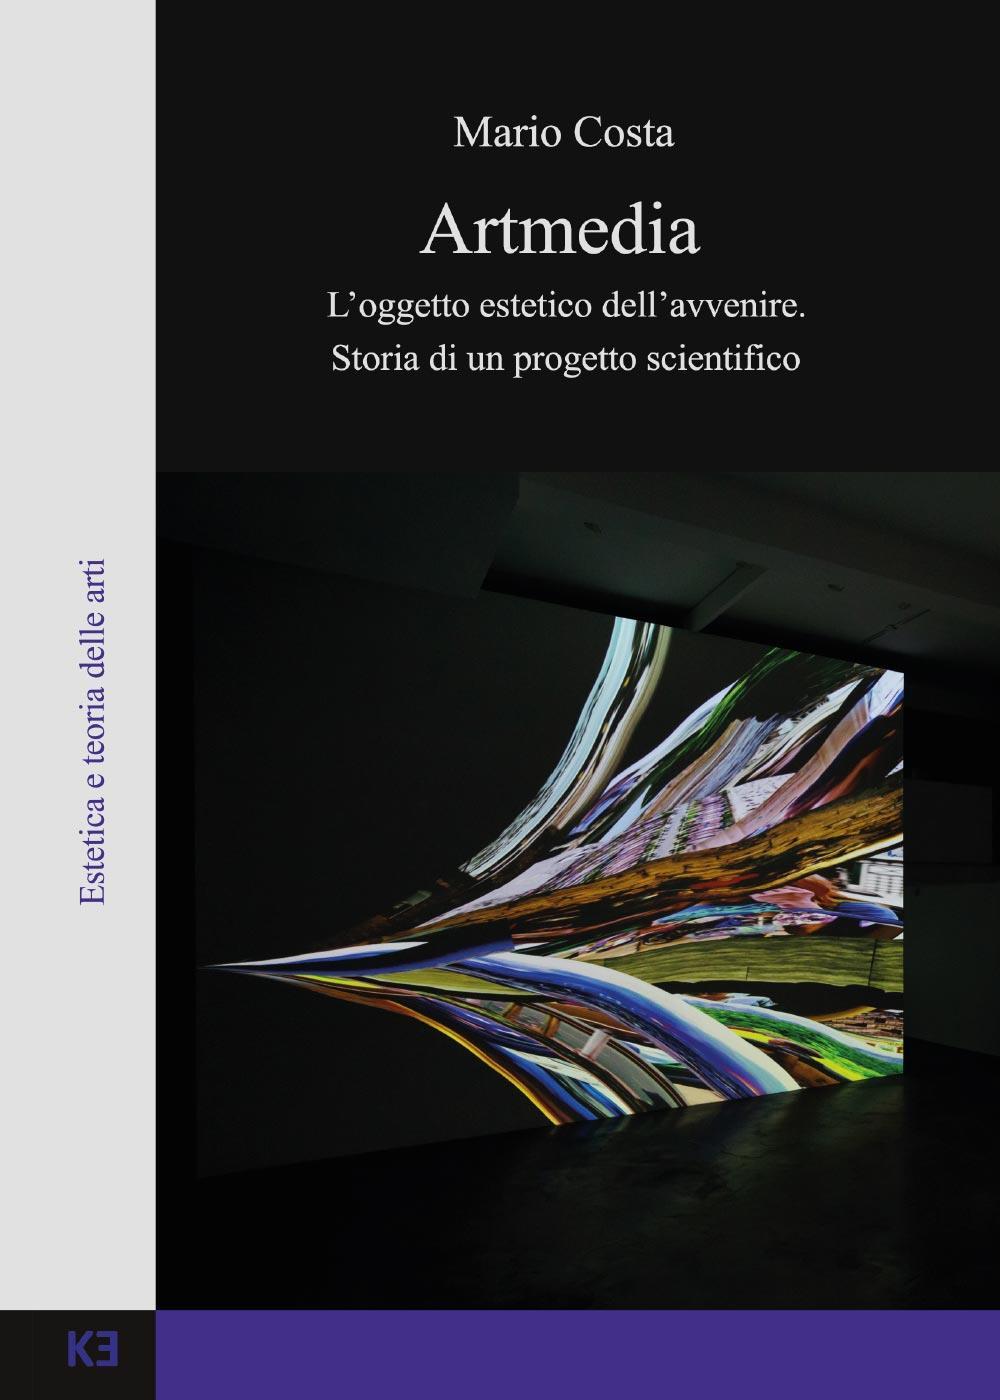 Artmedia. L'oggetto estetico dell'avvenire. Storia di un progetto scientifico